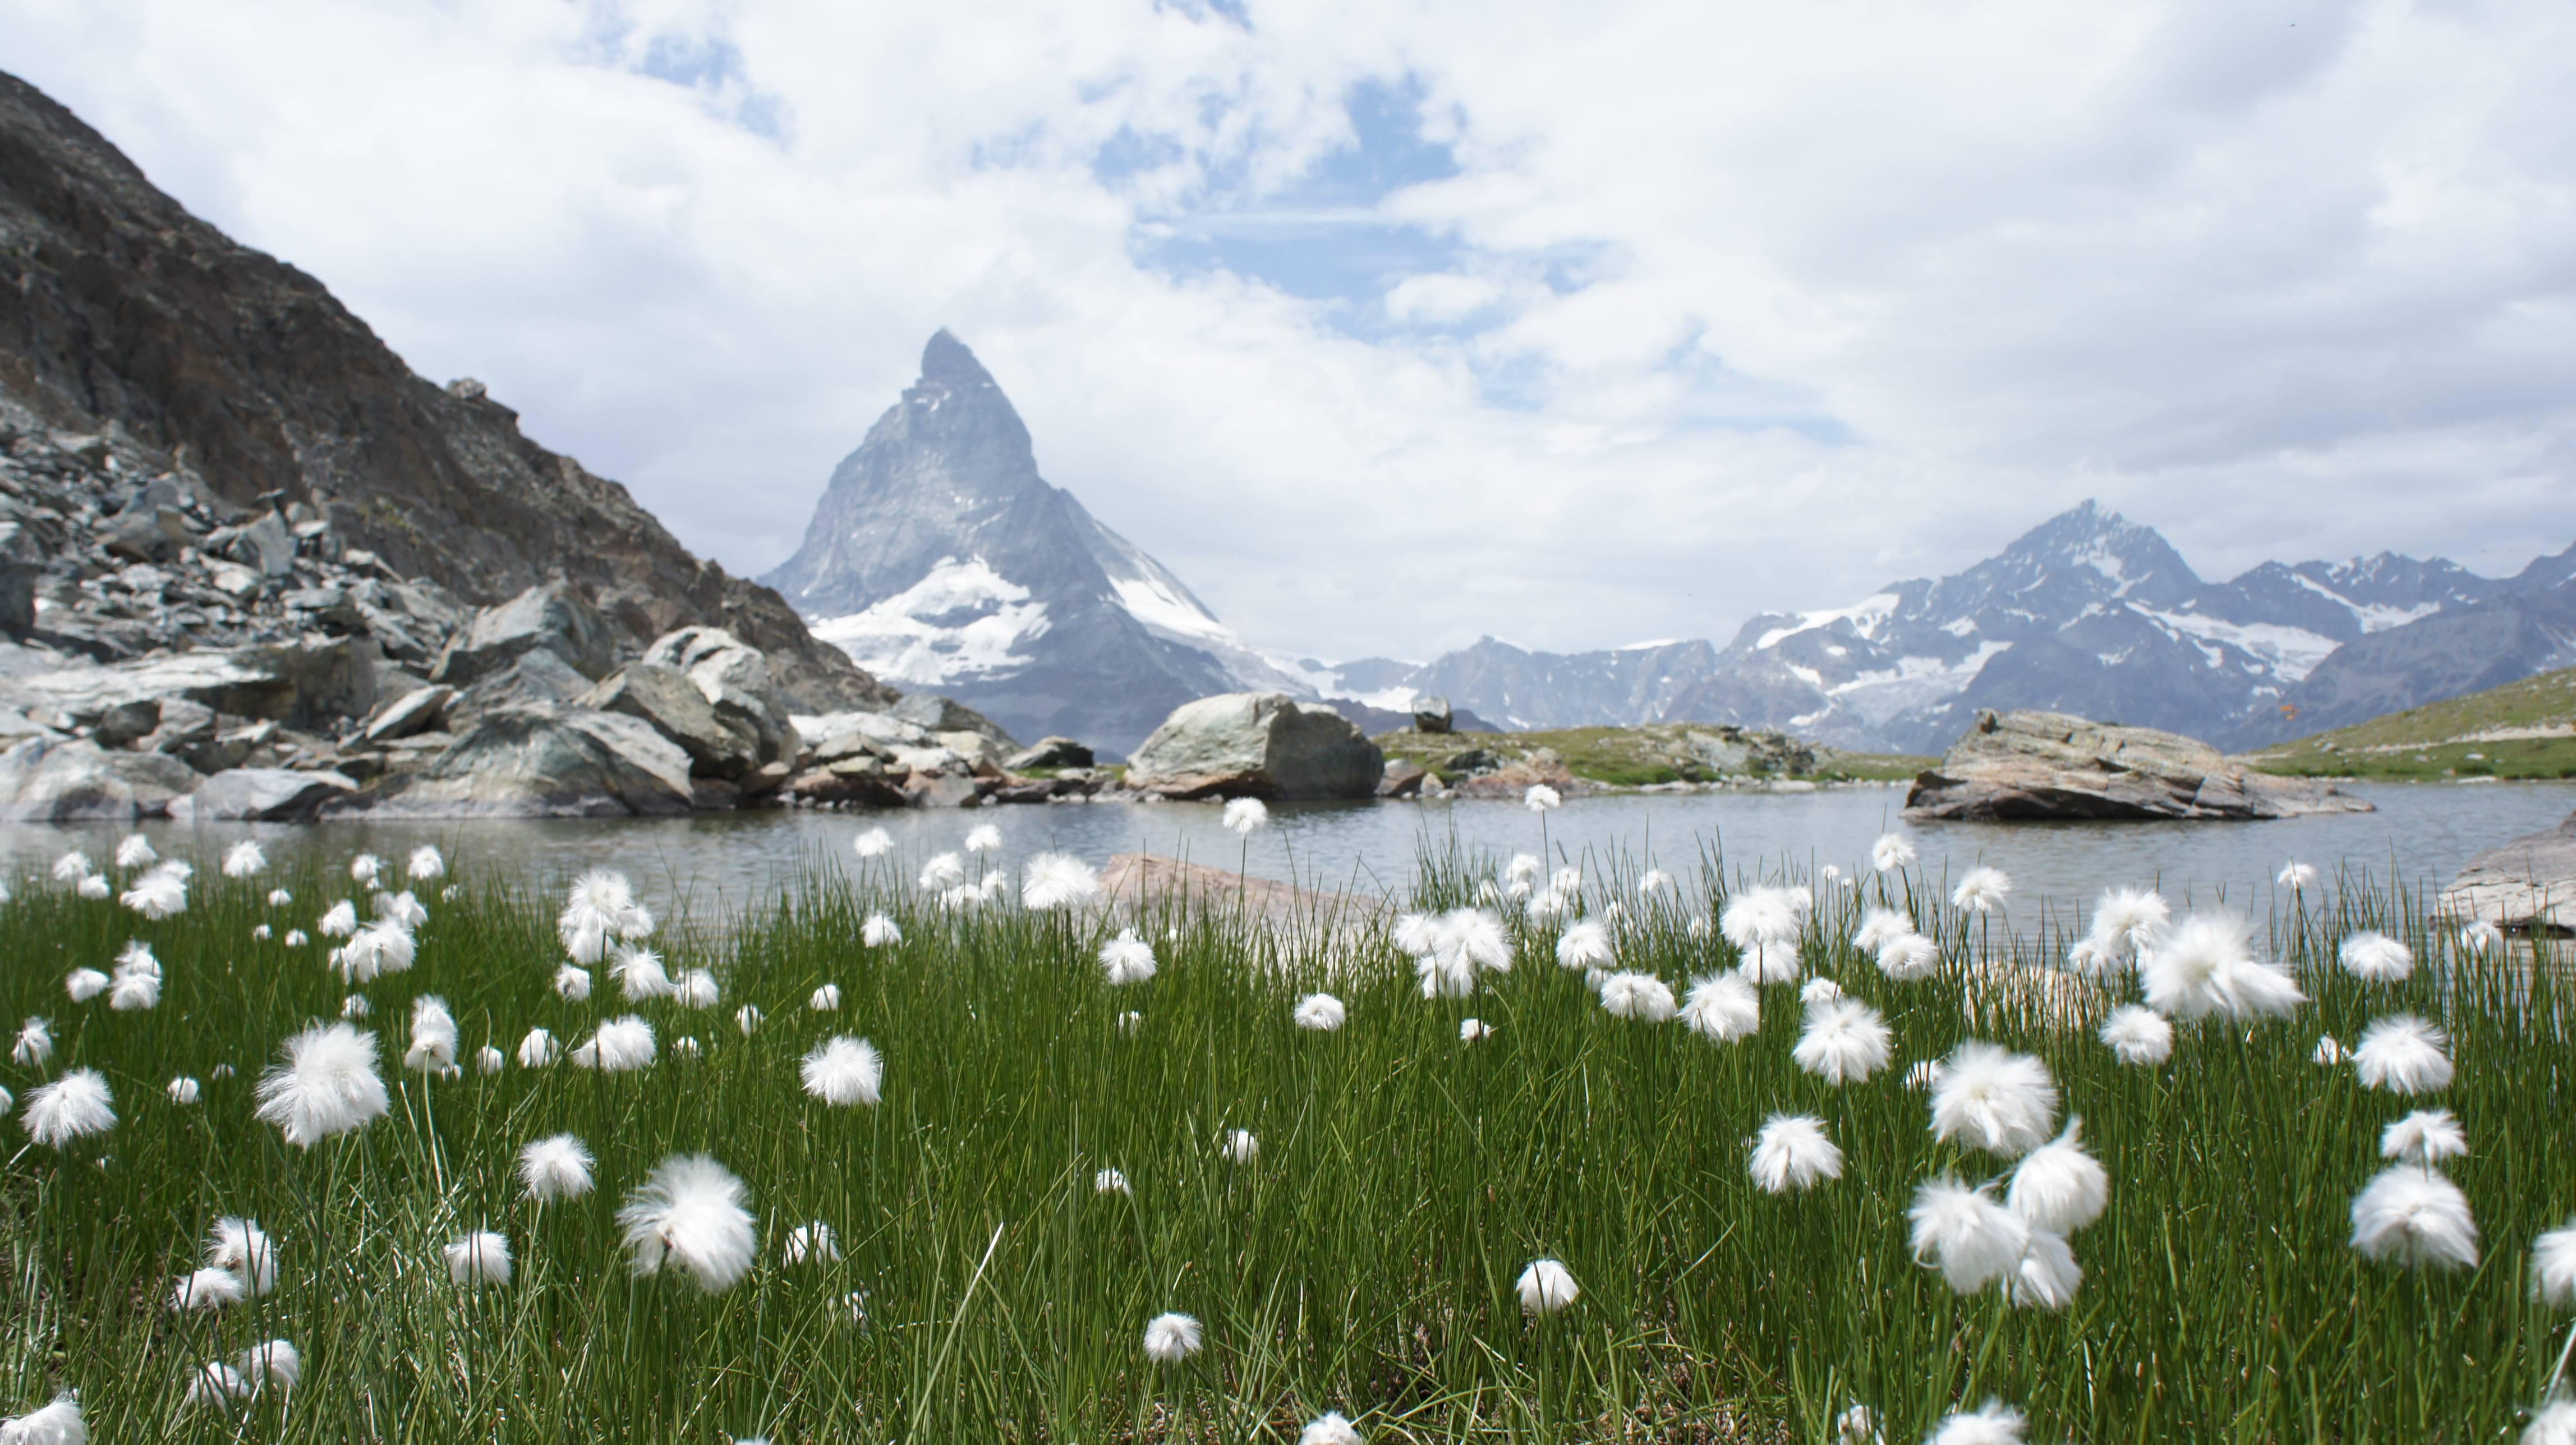 Photo 3: Gornergrat - vue sur le Cervin/Cervino/Matterhorn (4478m)